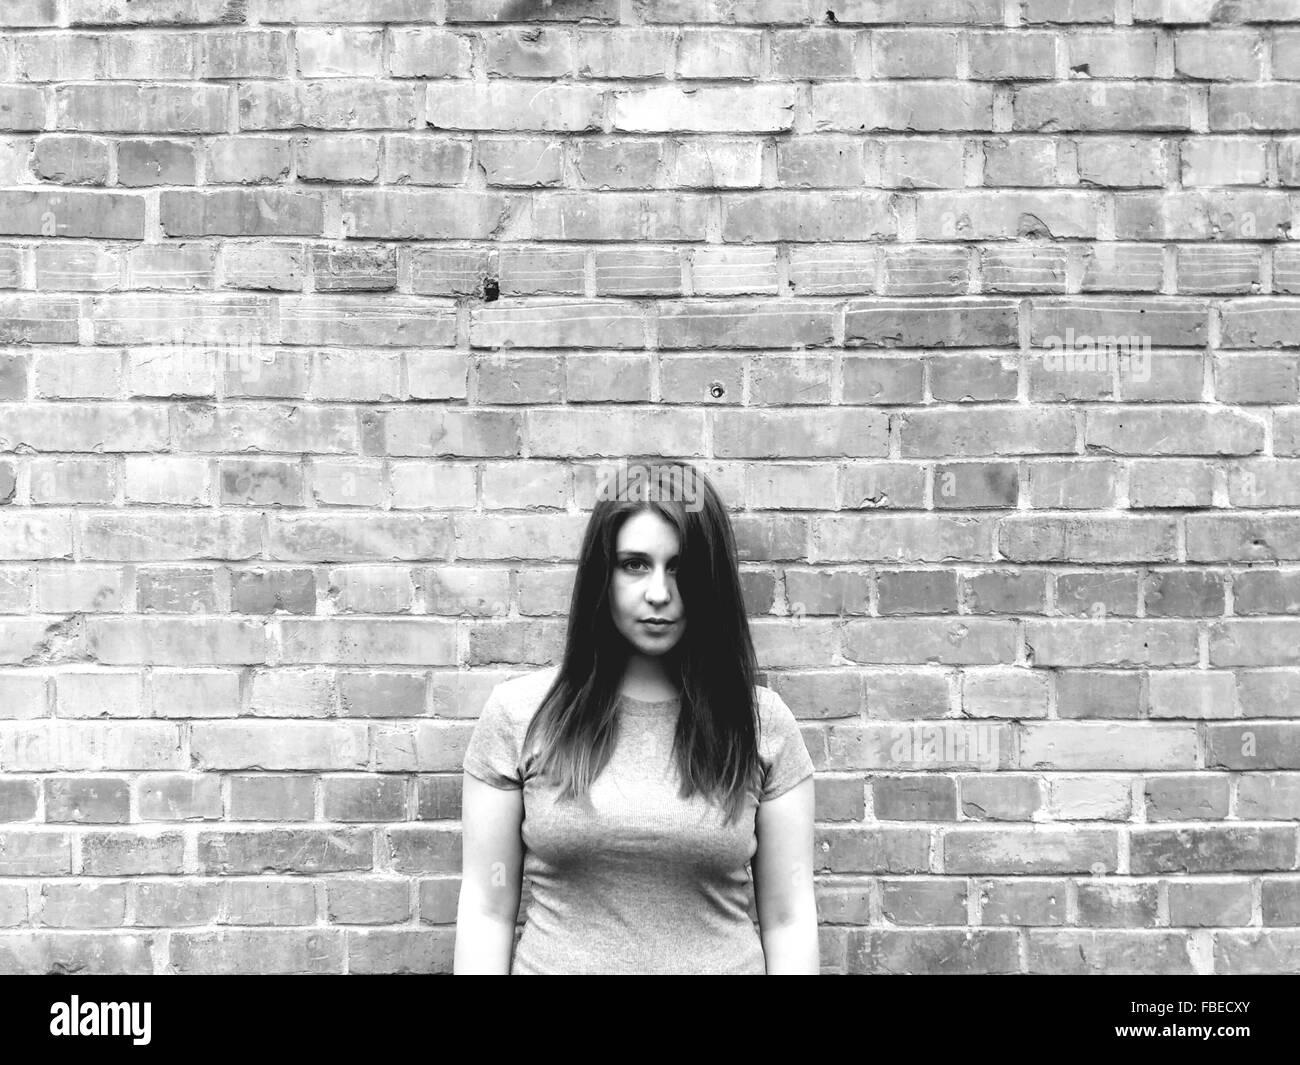 Ritratto di donna in piedi contro un muro di mattoni Immagini Stock